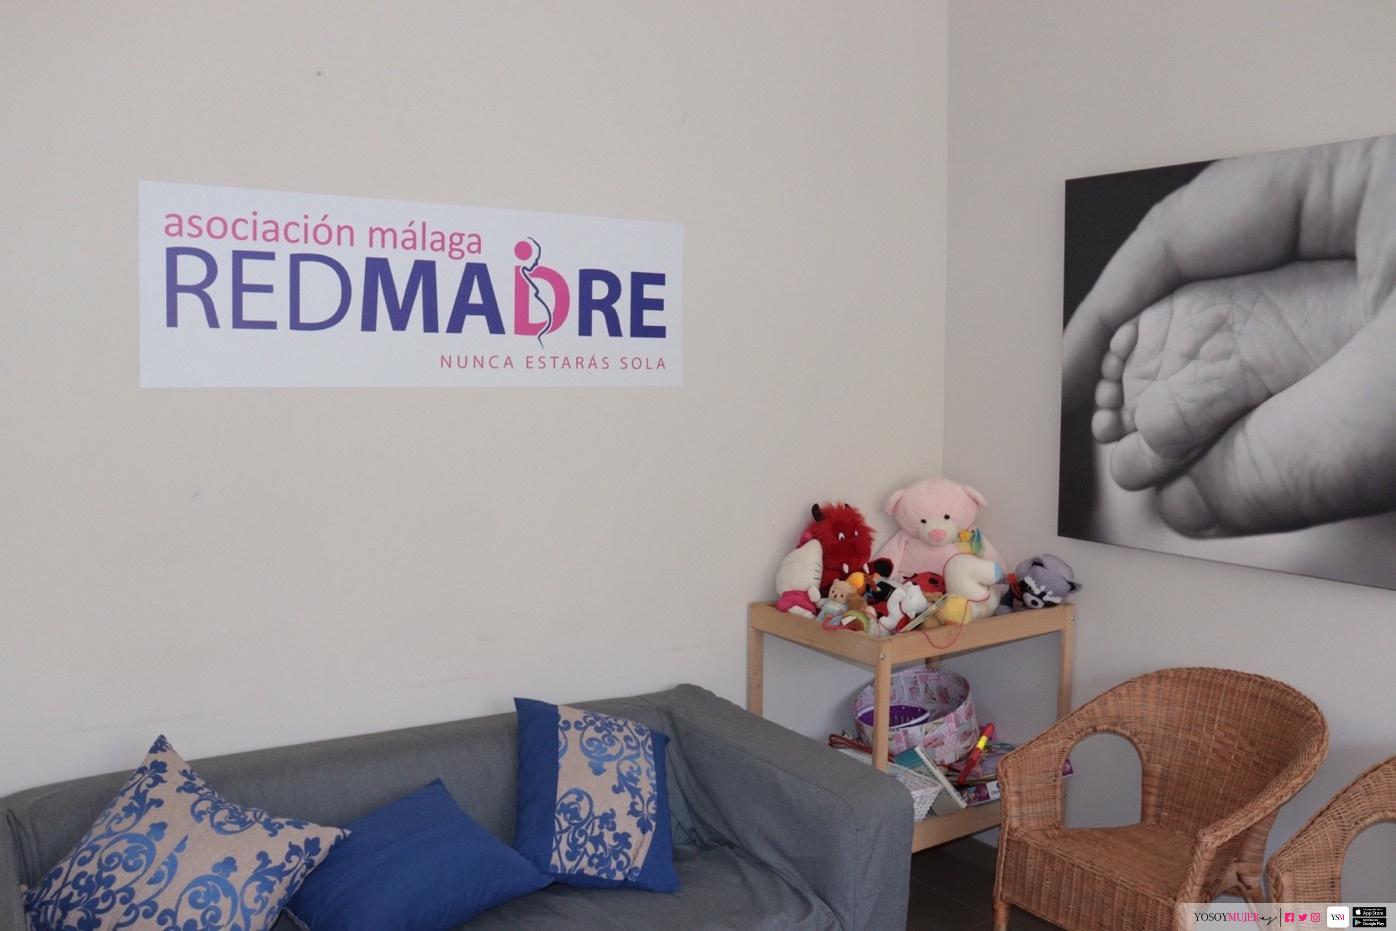 Asociación Redmadre Málaga